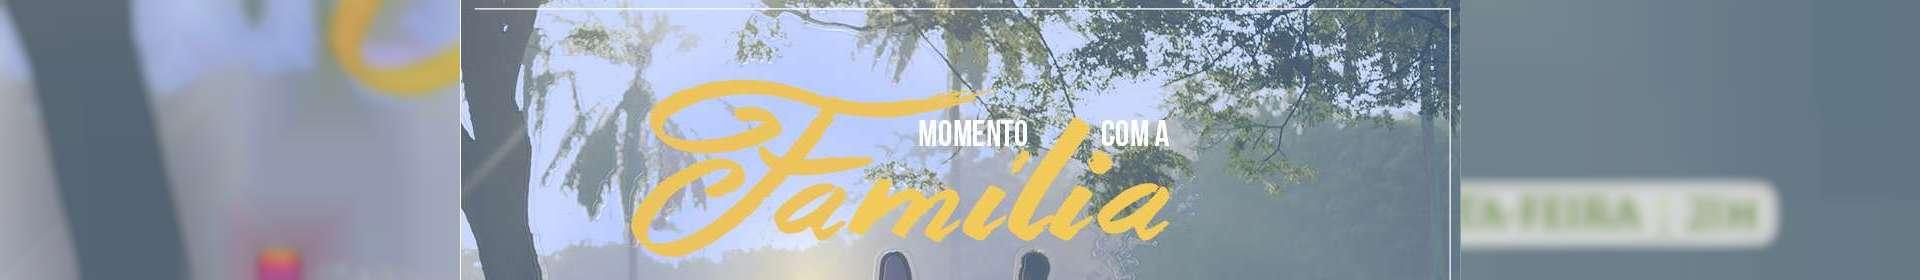 Momento com a Família - 07/06/2019